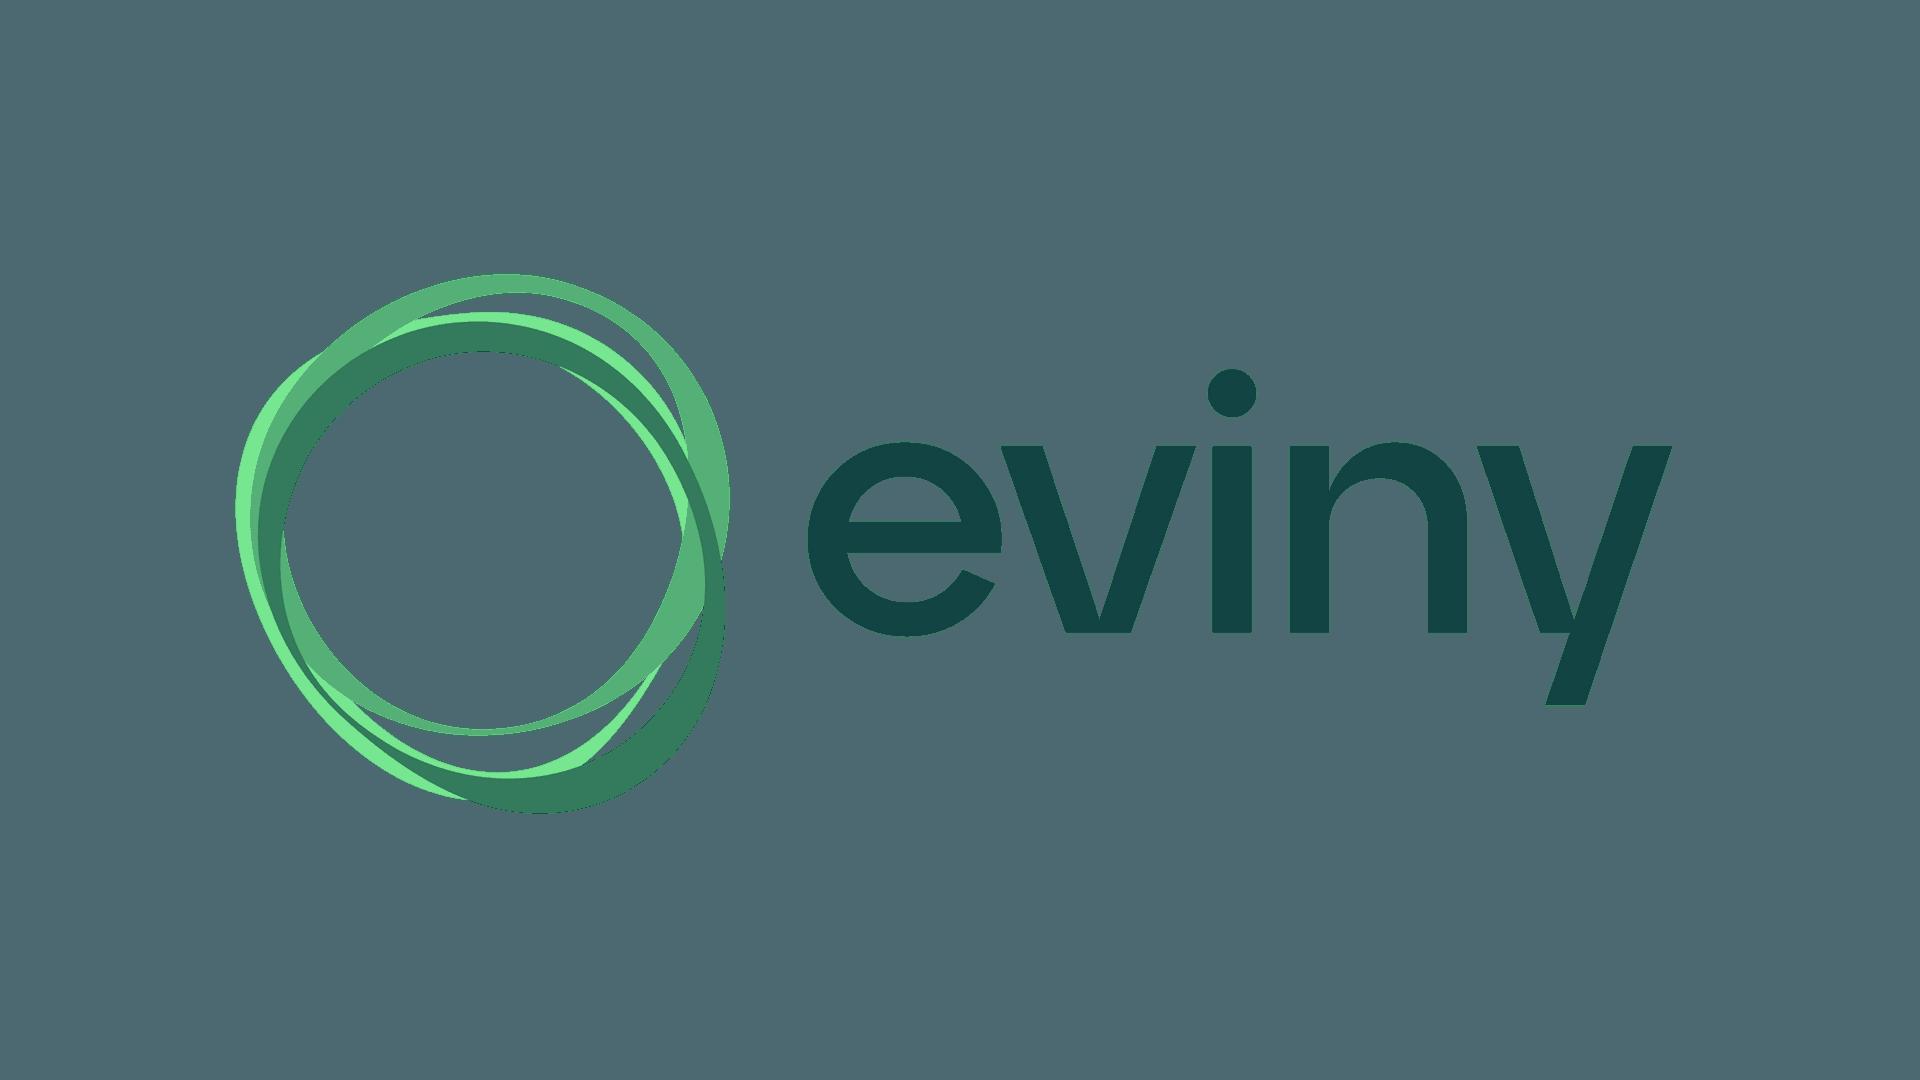 Eviny har ambisjon om å bli ledende på elektrifisering i Norge, og planlegger også satsing i utlandet.